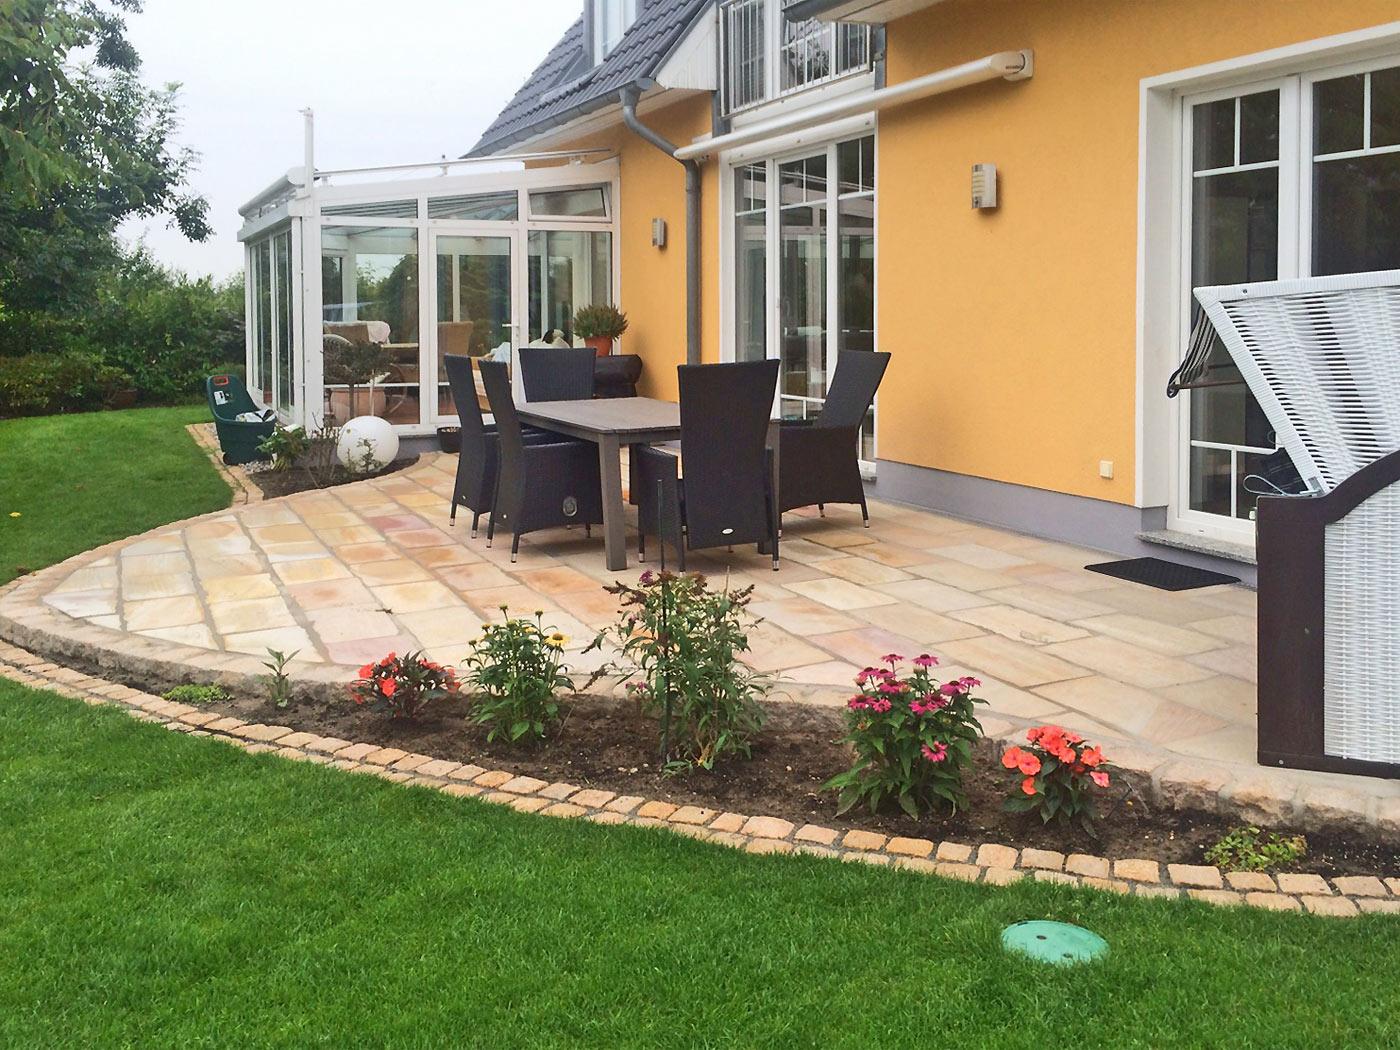 Outdoor Küche Wintergarten : Terrassendach terrassenüberdachung rostock